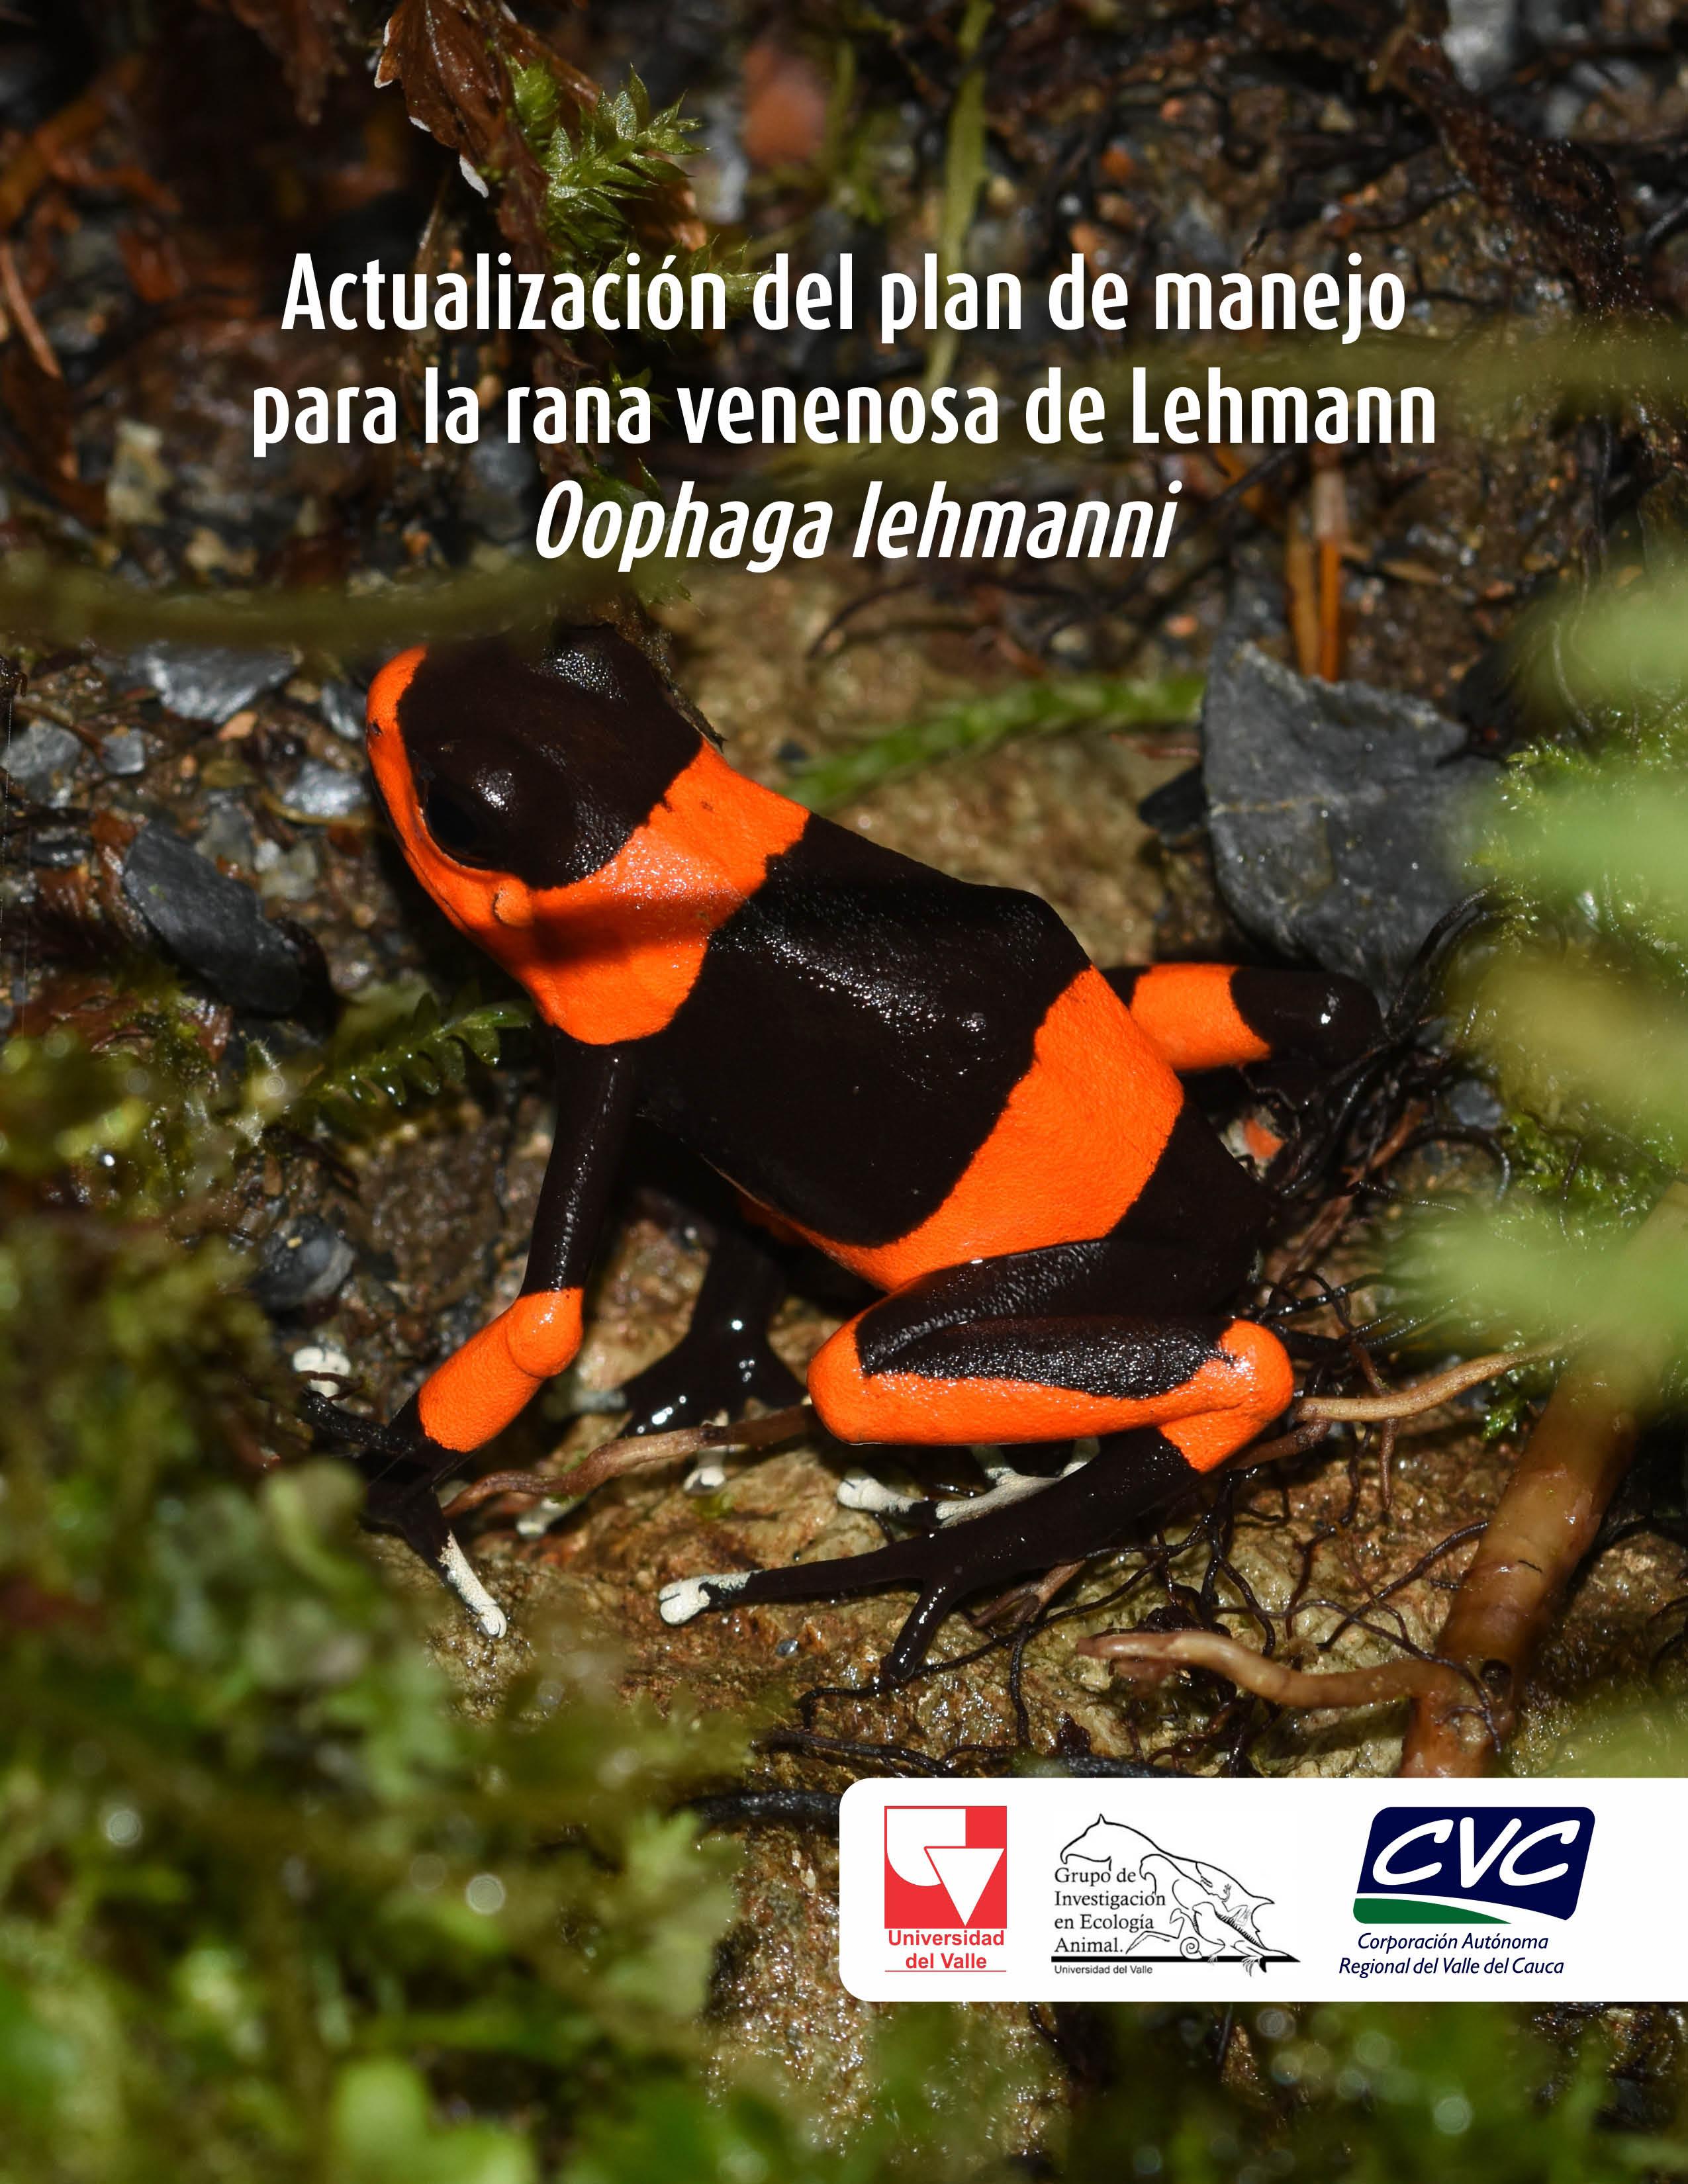 plan de manejo para Oophaga lehmanni